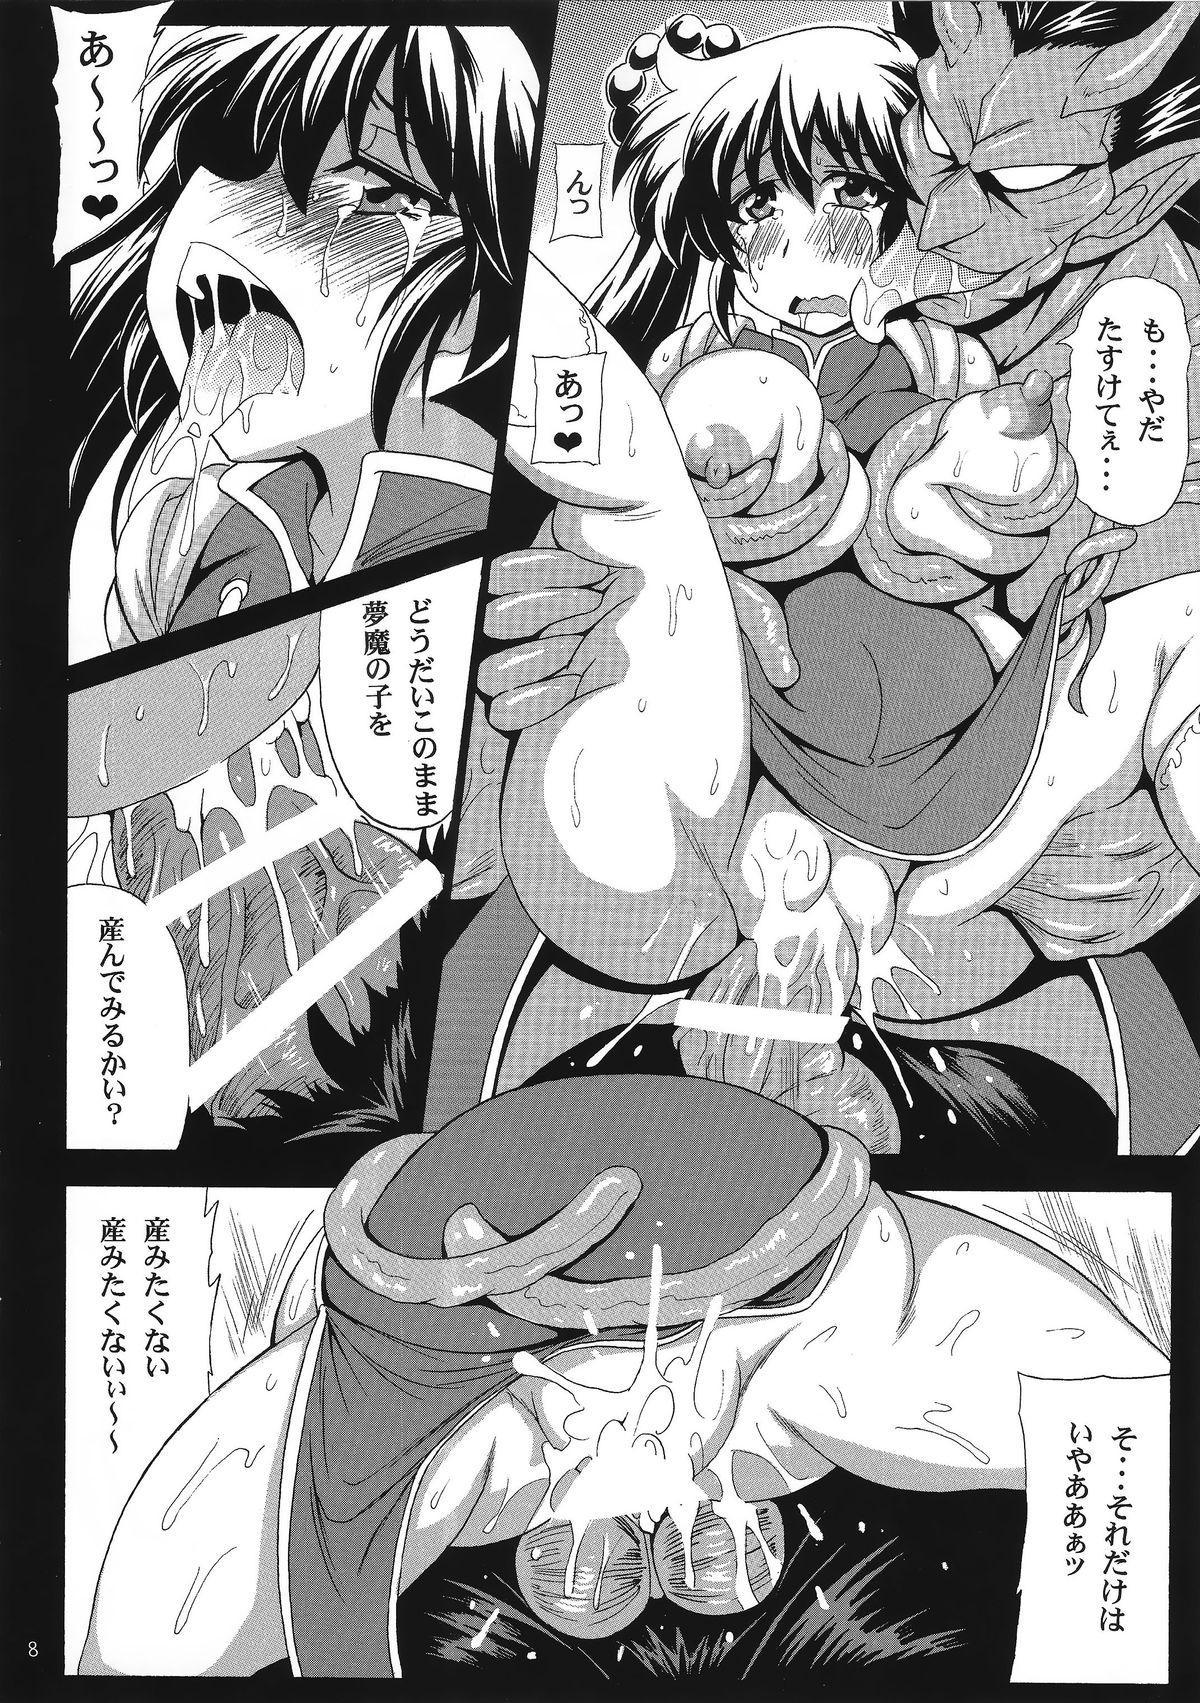 Mamono Hunter Inmu no Shou 8